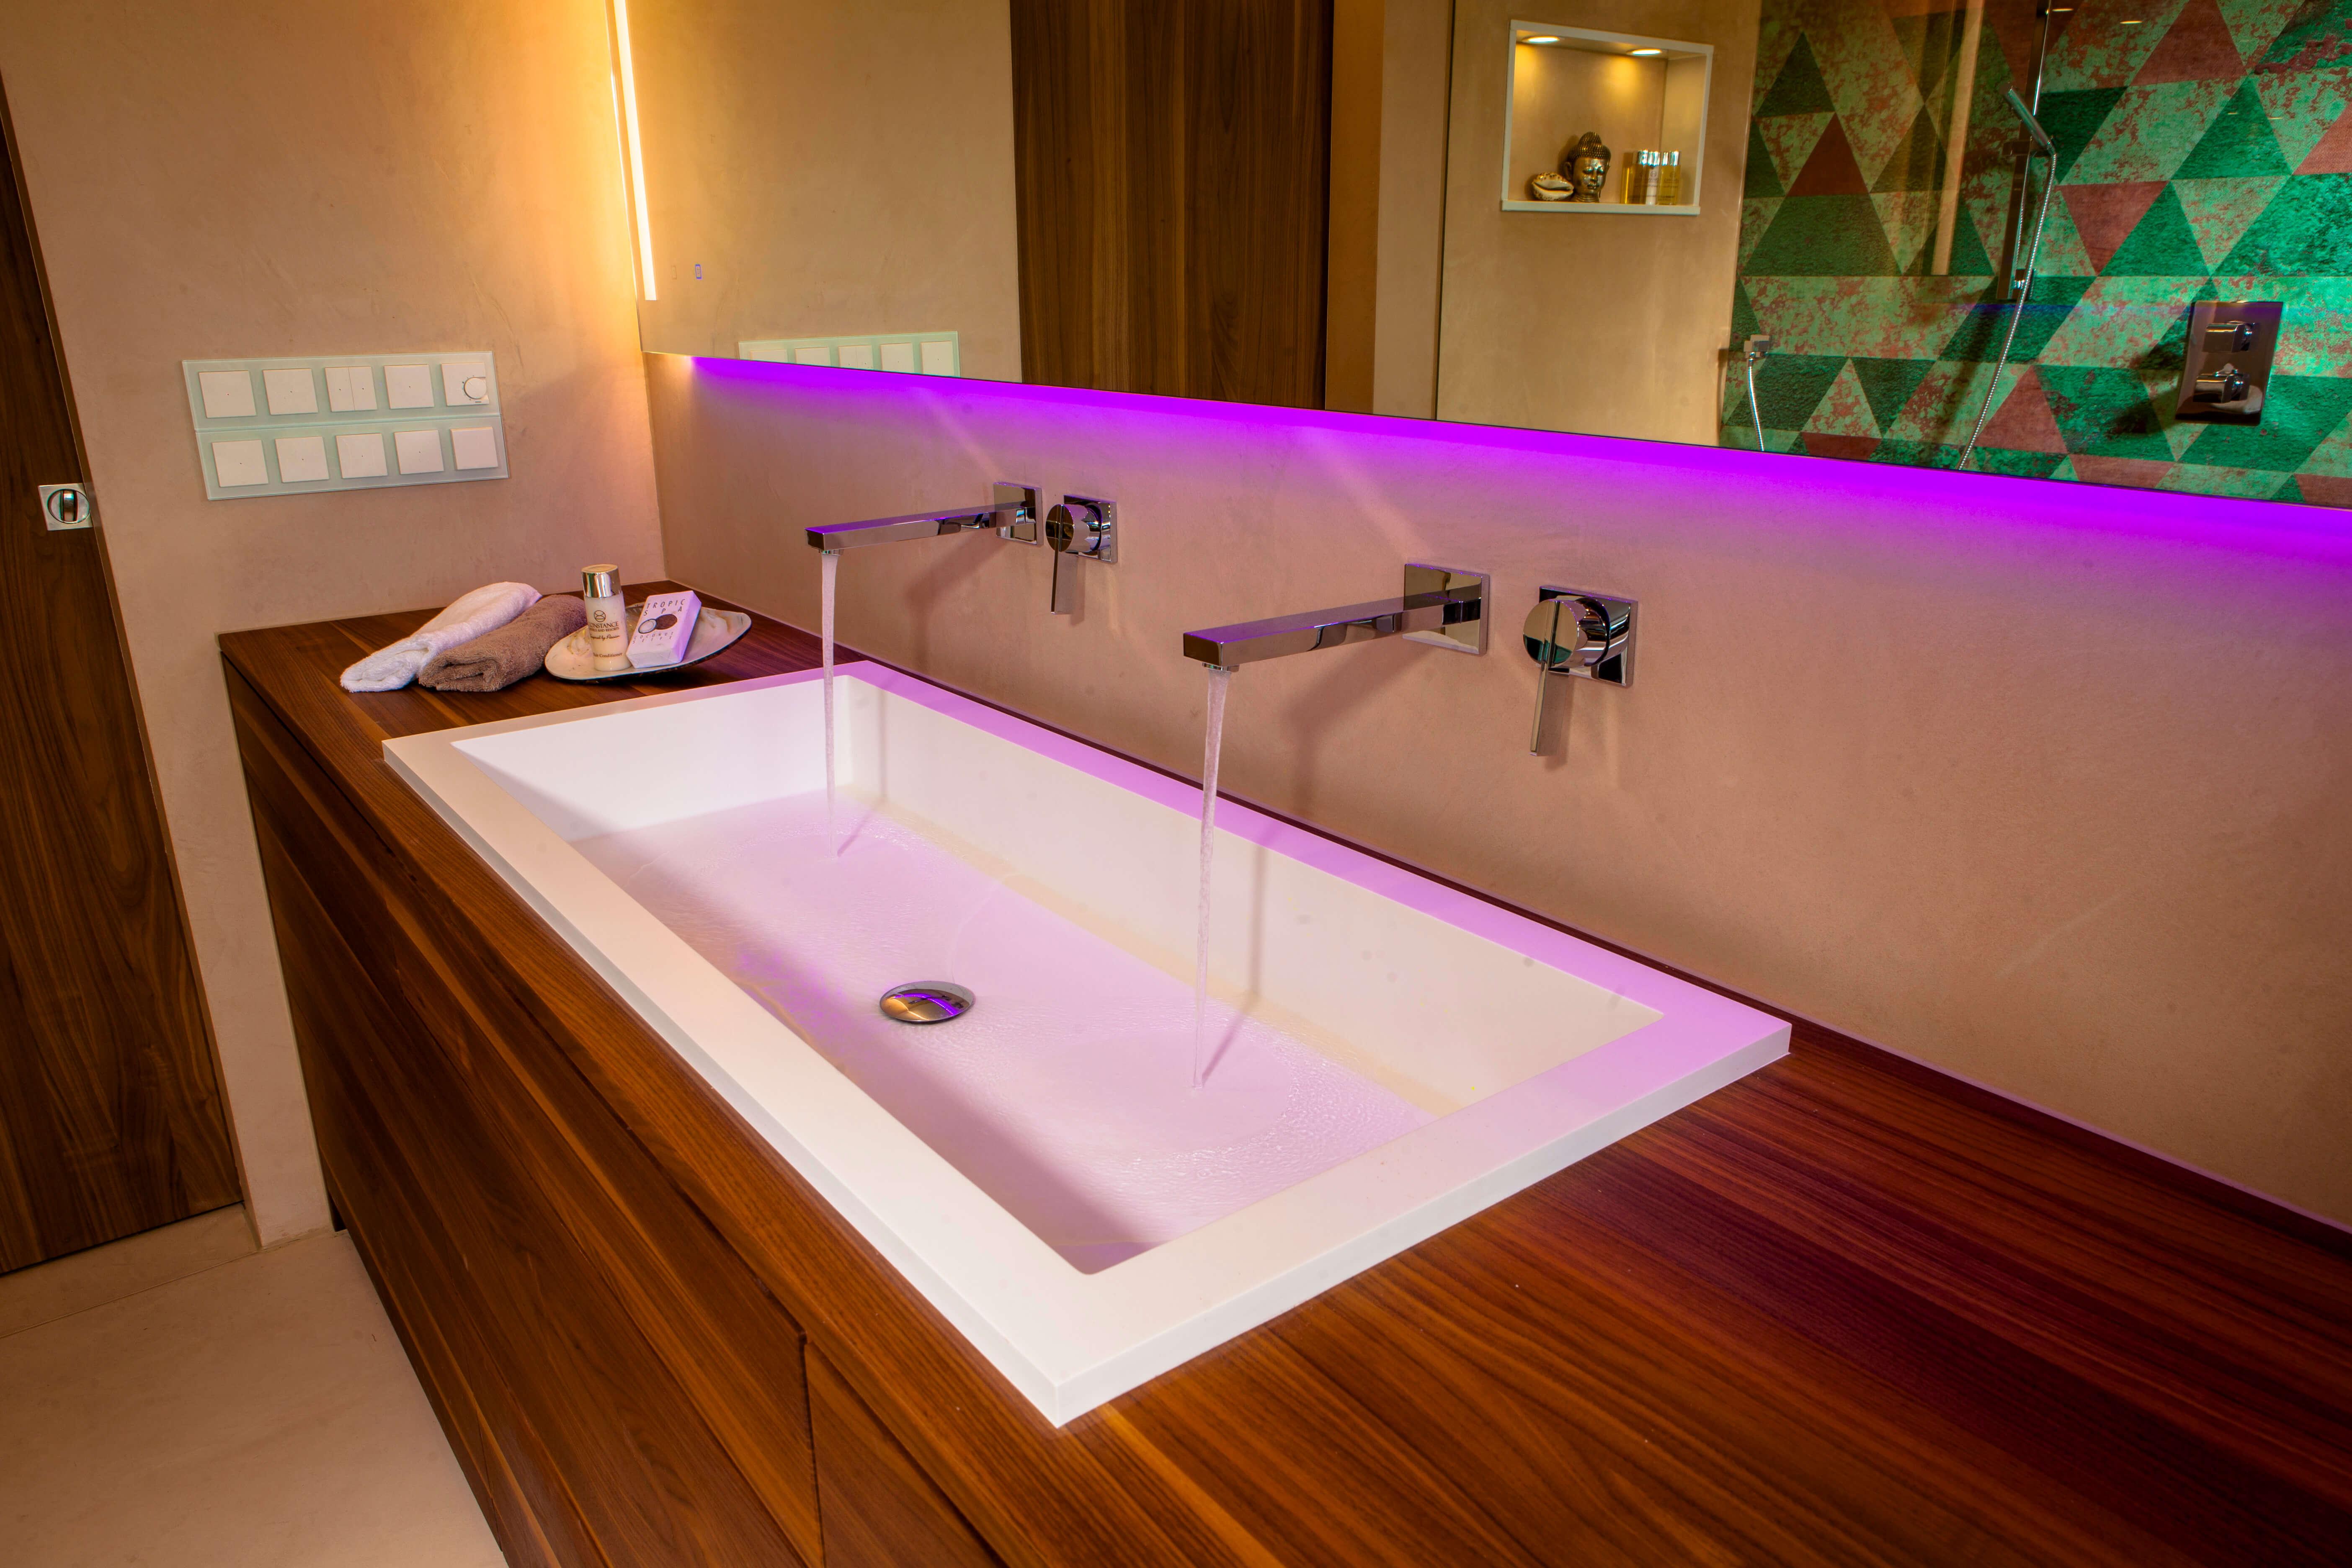 Badmöbel massgefertigt Badplanung Schlauchbad fugenloses Luxus Badezimmer Bonn Badezimmern planen ideen Designer Torsten Mueller Lichtdesigner